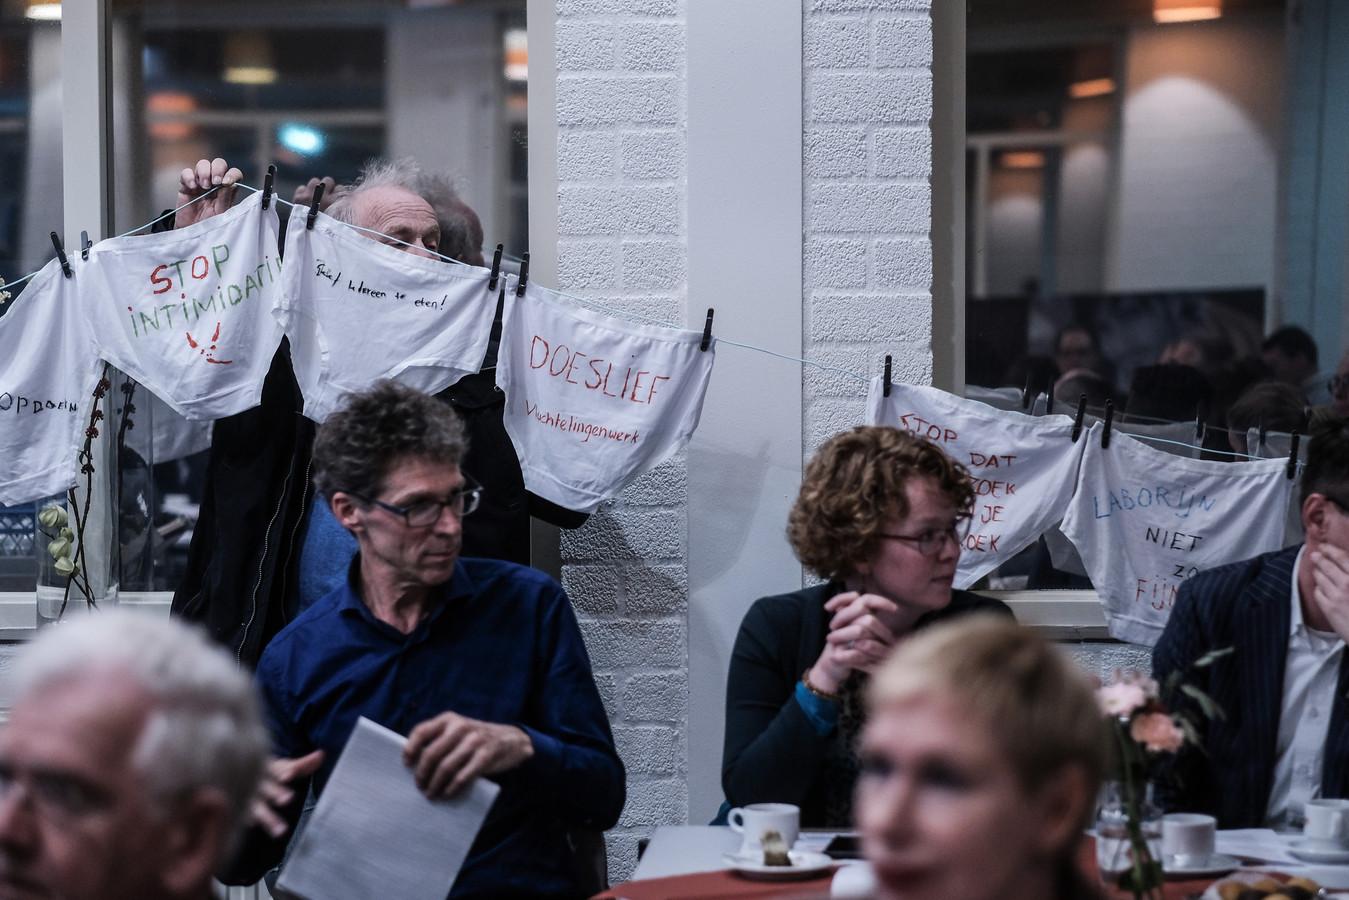 Ondanks eerdere protesten tegen de werkwijze van Laborijn, lijkt de sociale dienst zich er weinig van aan te trekken.